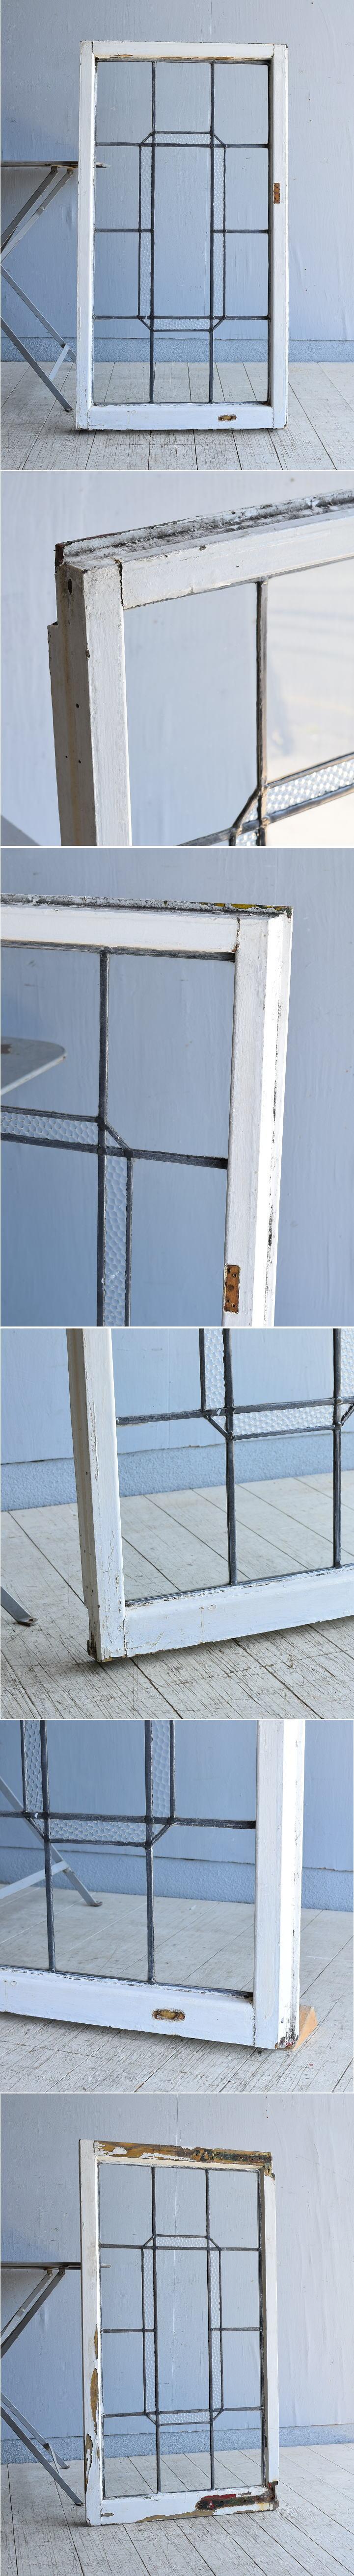 イギリス アンティーク 窓 無色透明 8000